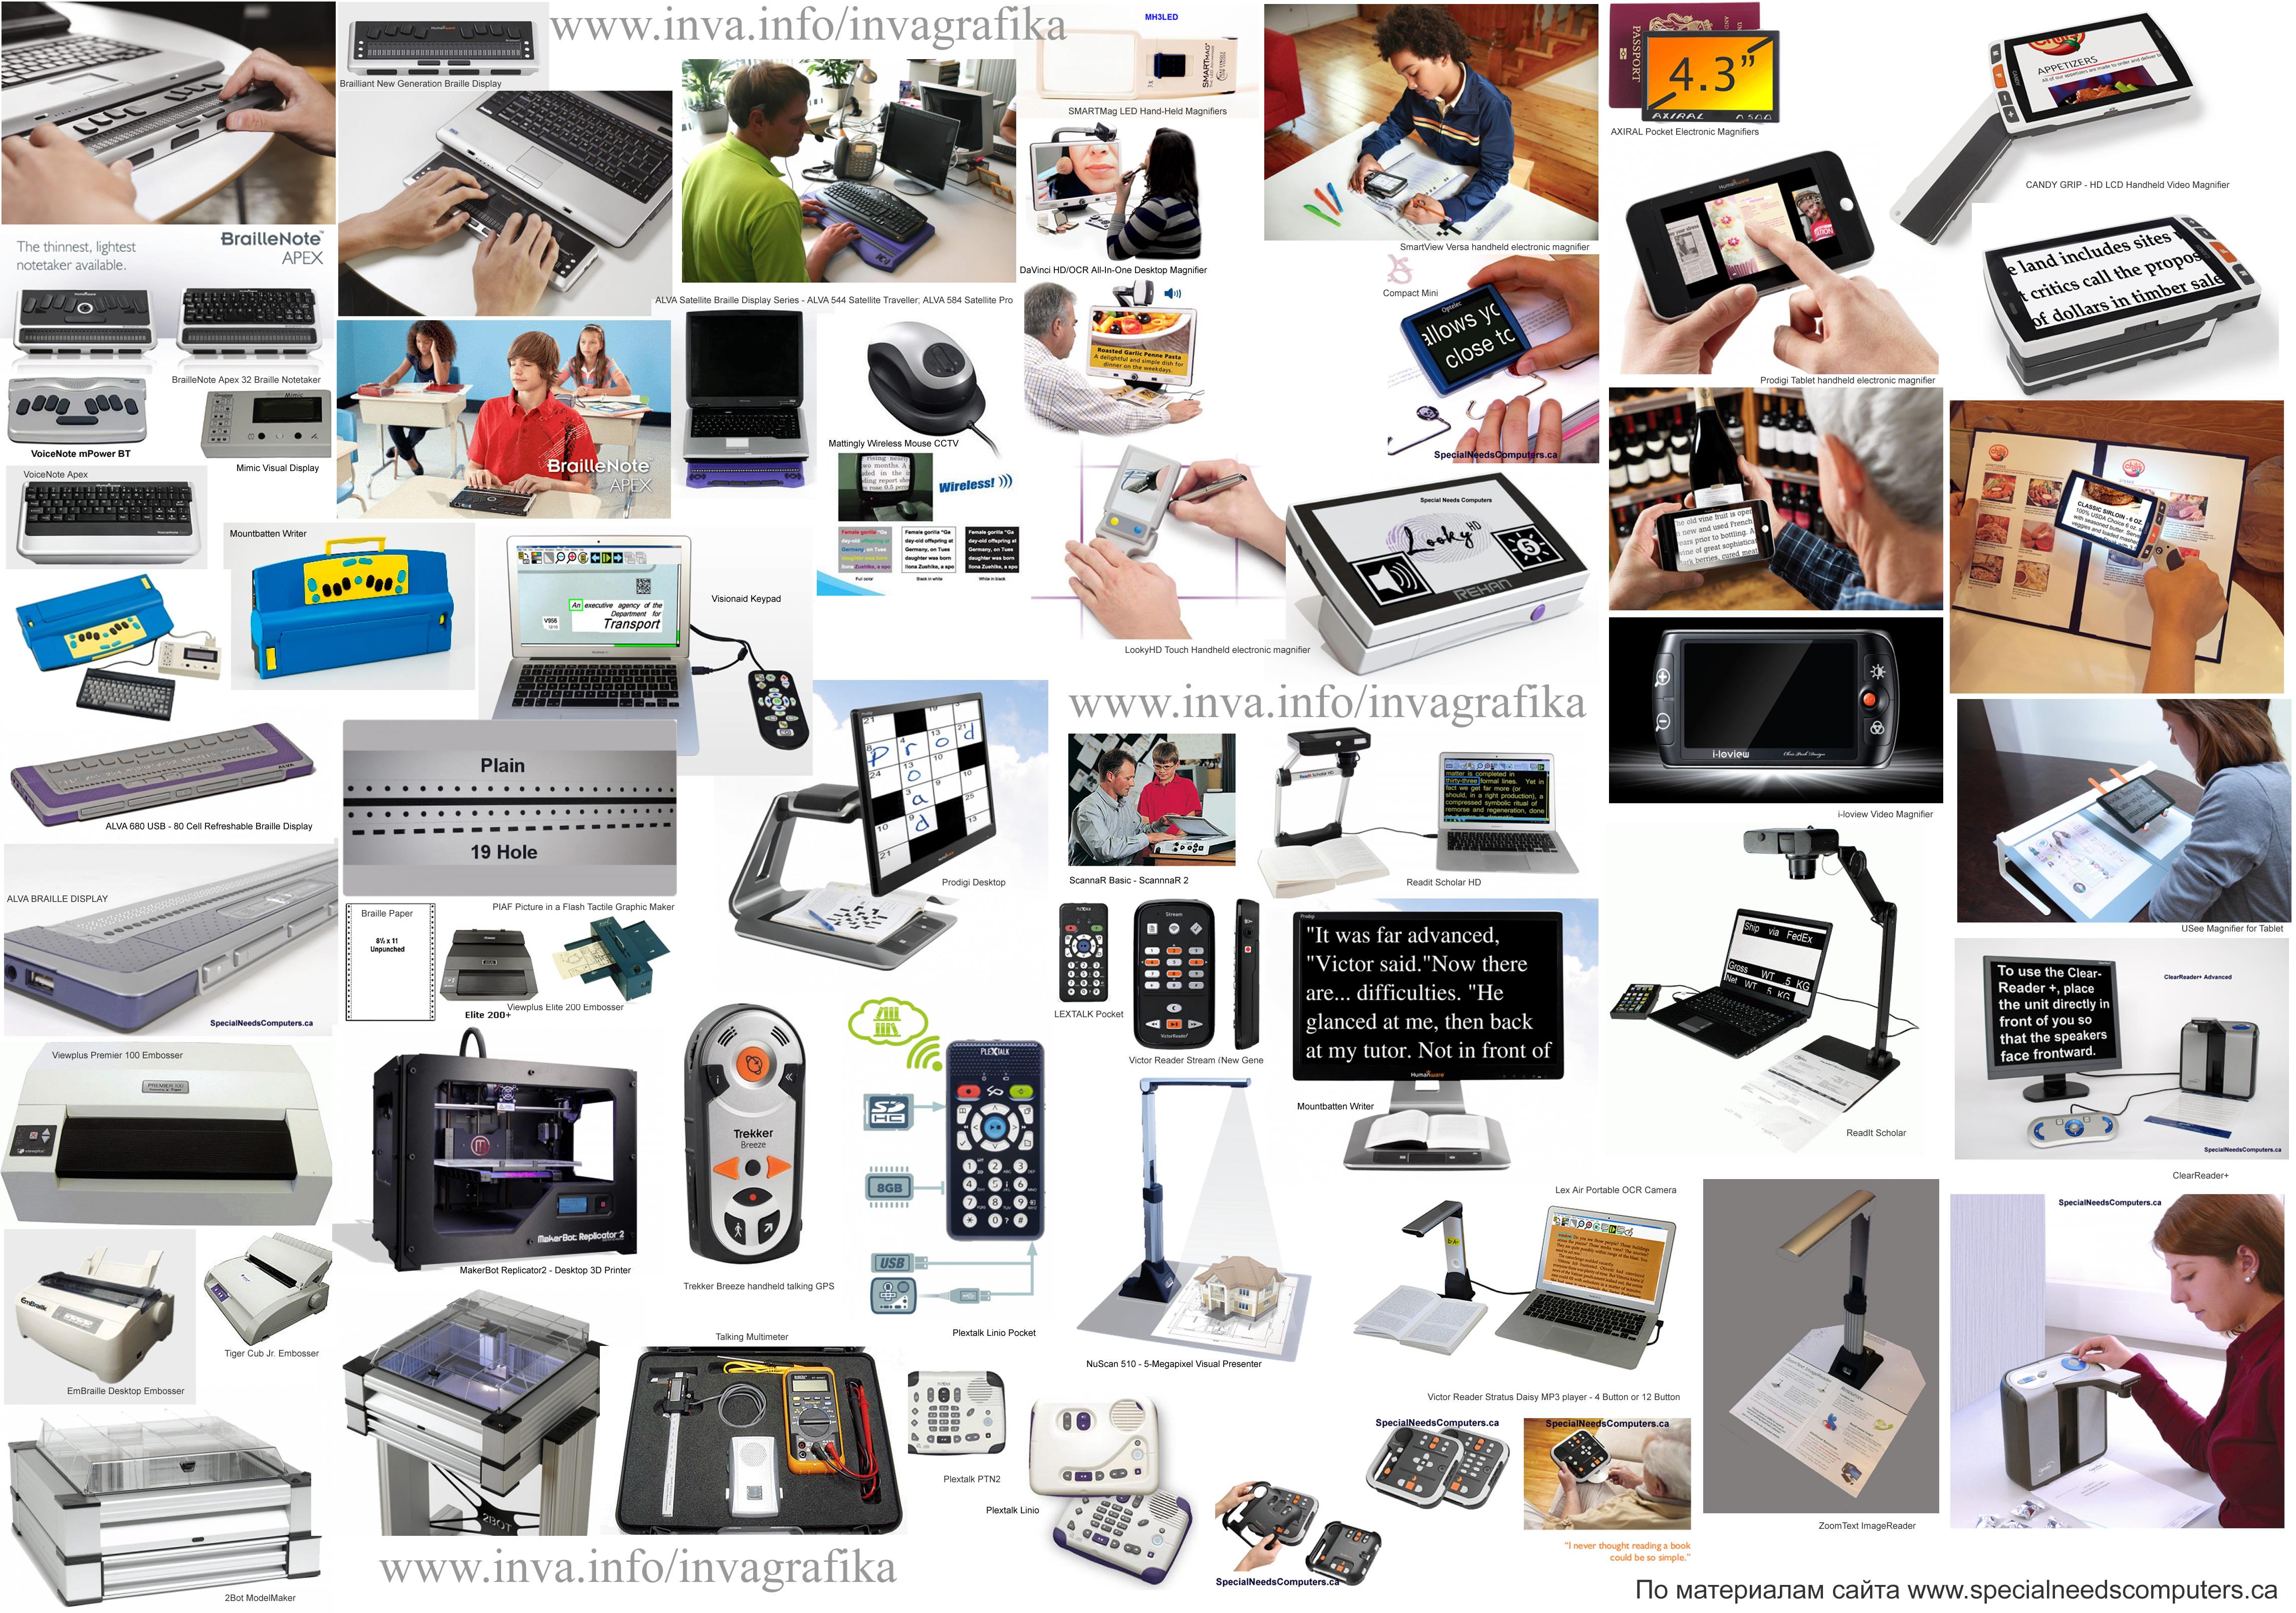 Инваграфика, читающие аппараты, электронные увеличители, брайлевские клавиатуры, мониторы, принтеры, ИКТ для инвалидов с нарушением зрения